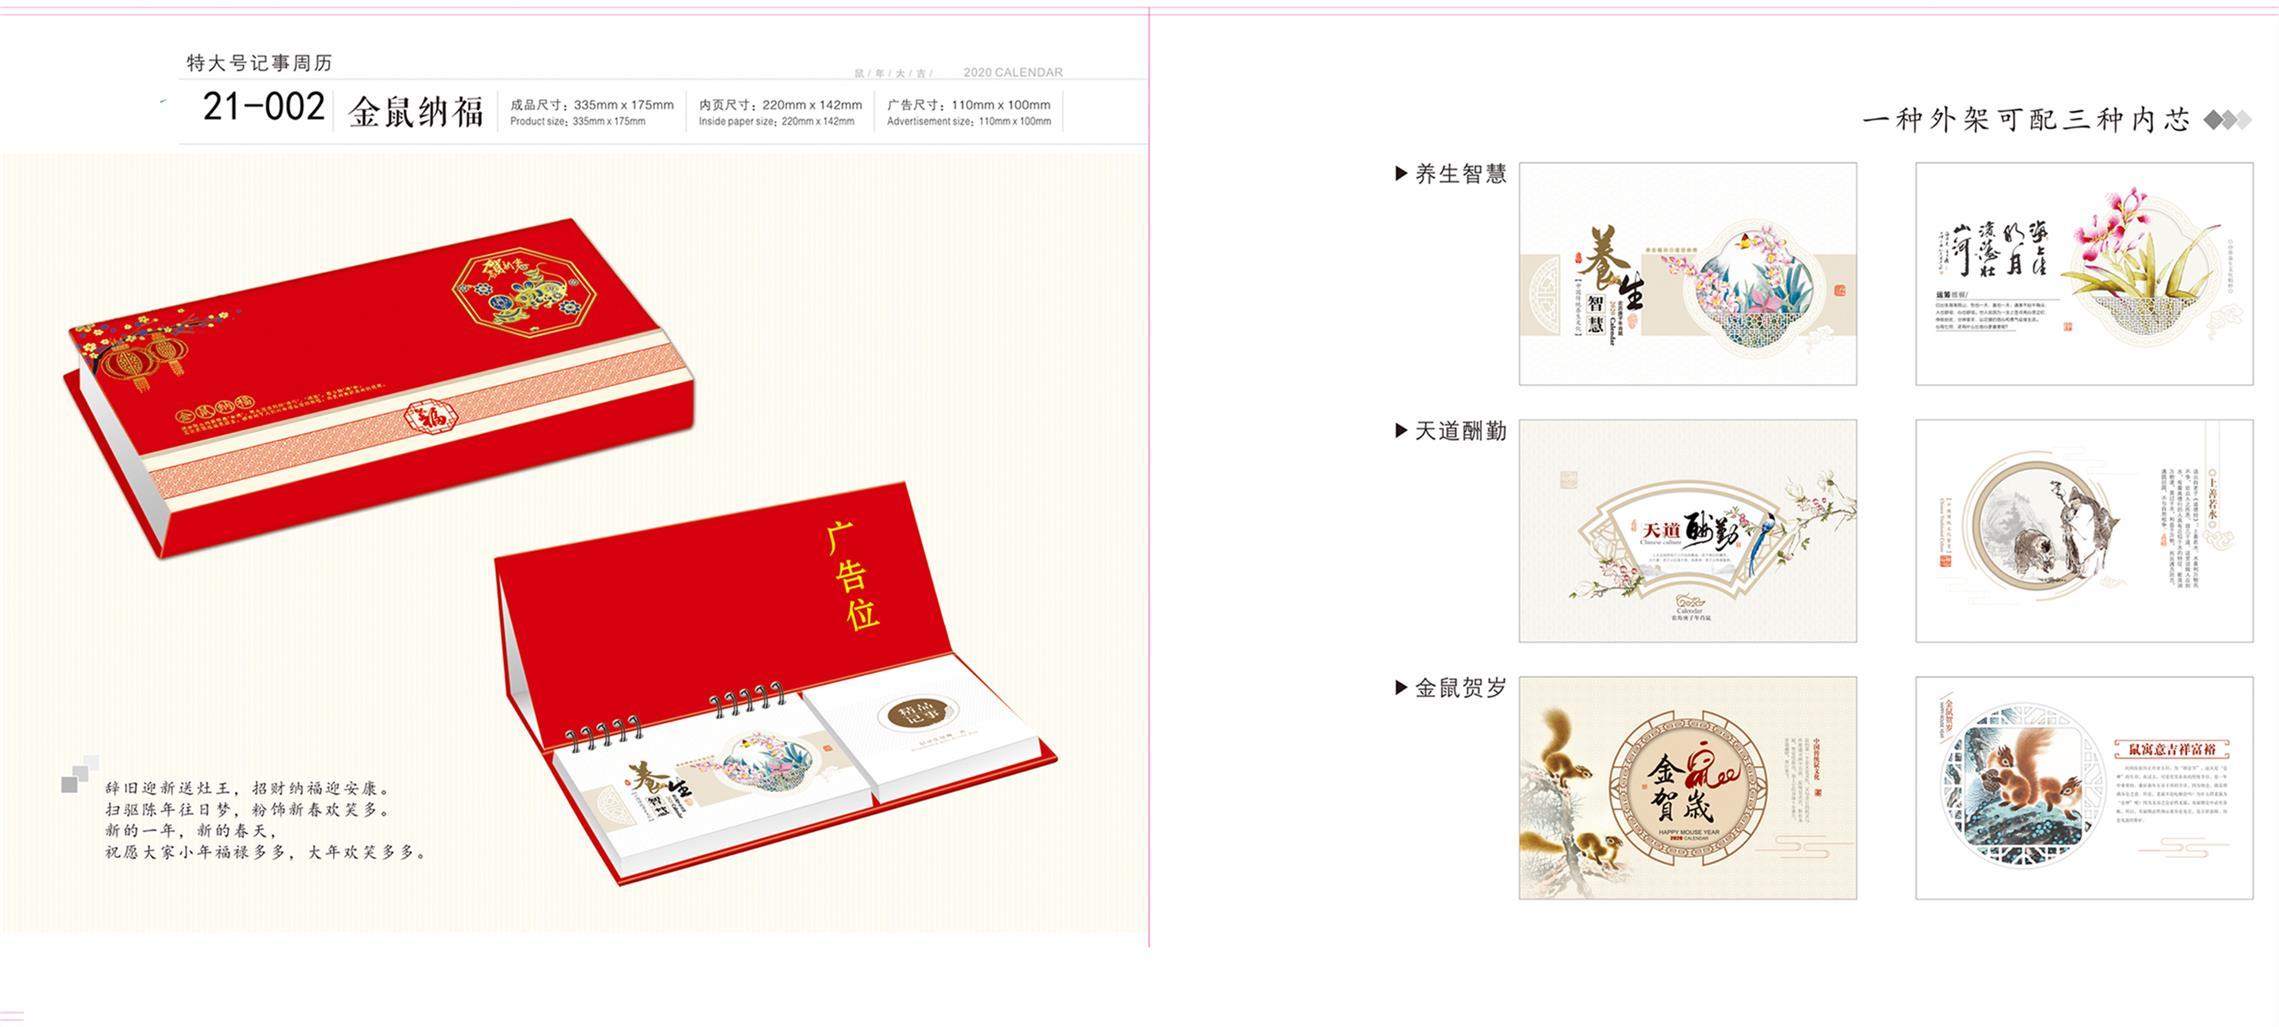 品牌形象包装设计